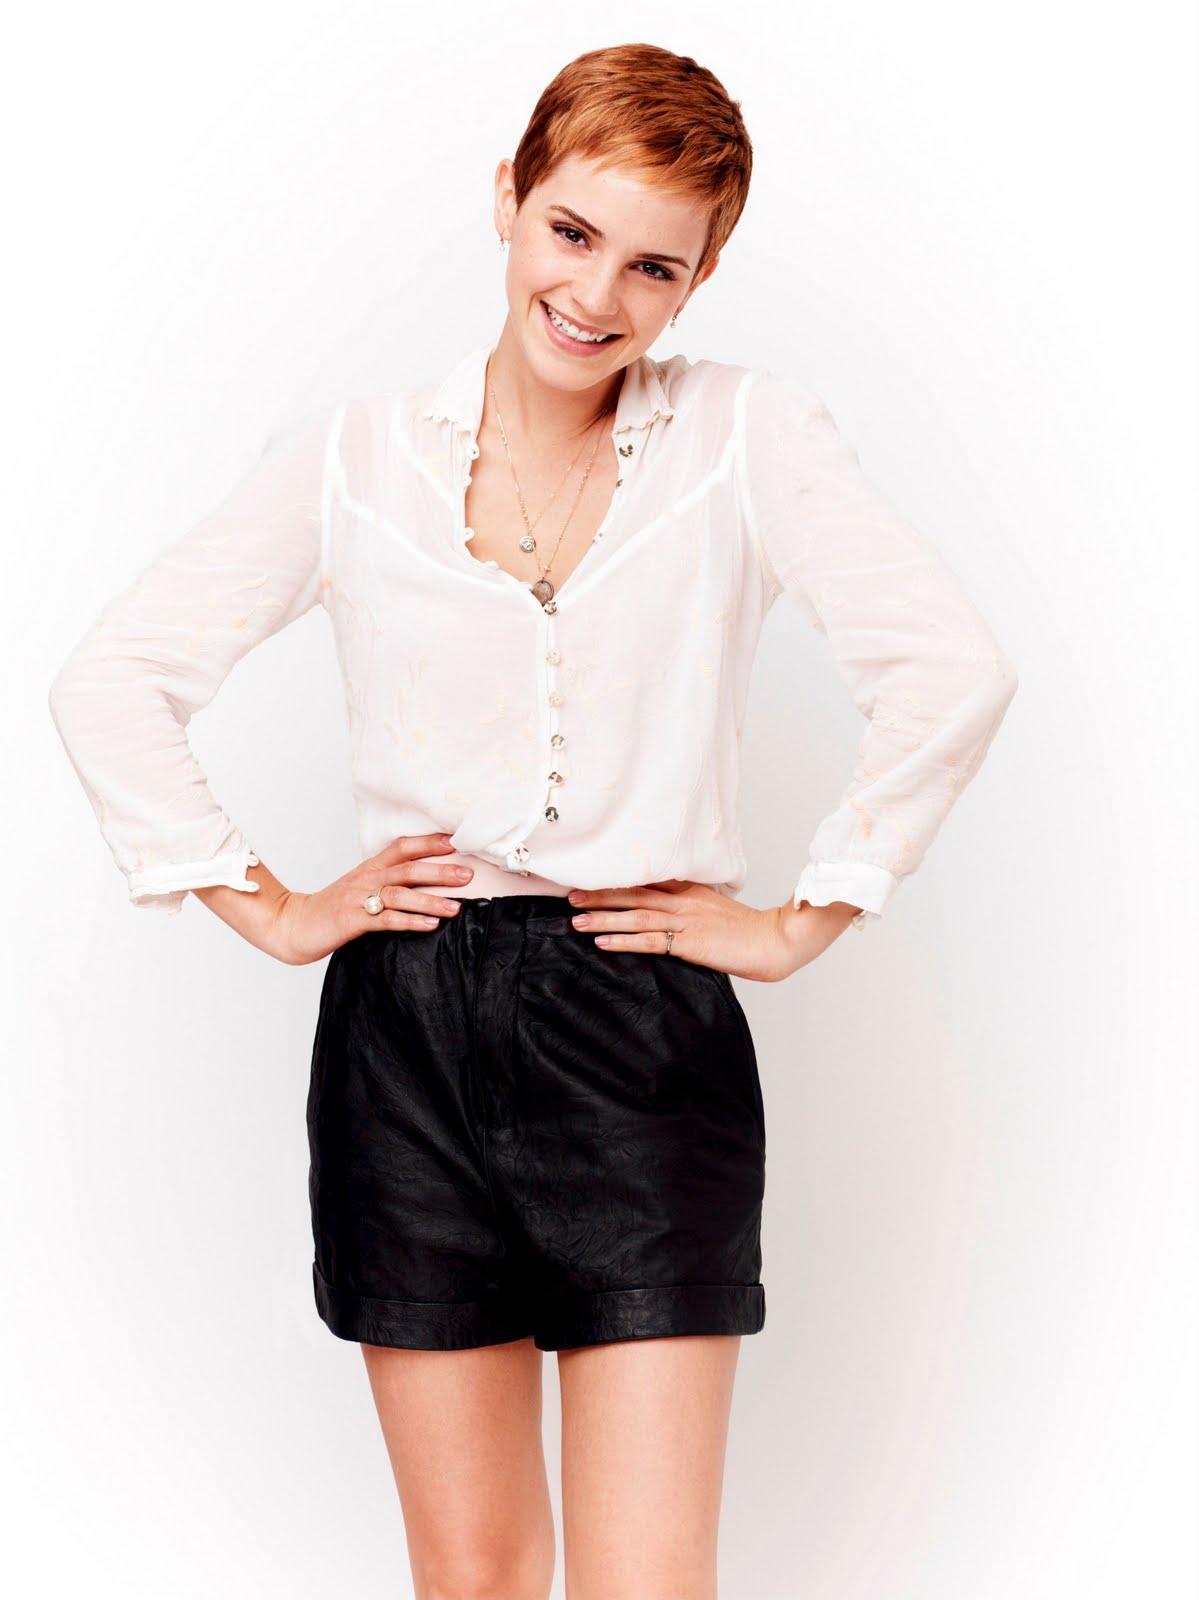 http://1.bp.blogspot.com/_156uw68HWRU/TSCCTYlNZ_I/AAAAAAAAO14/6aSxdfNWYHU/s1600/Emma-Watson-3.jpg